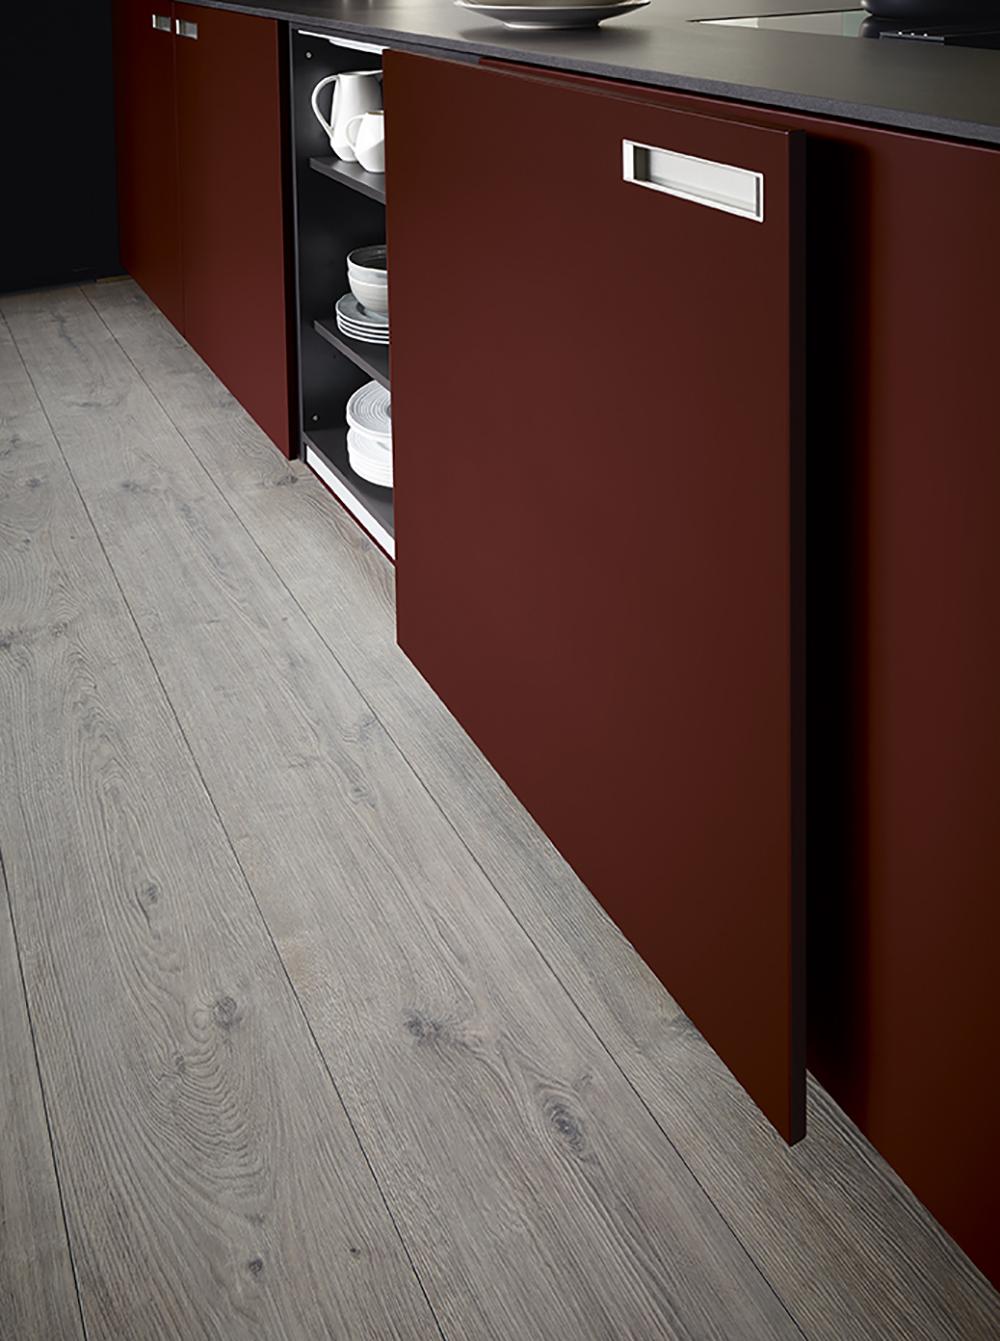 Cuisine rubis next125 moderne et épurée contemporaine design